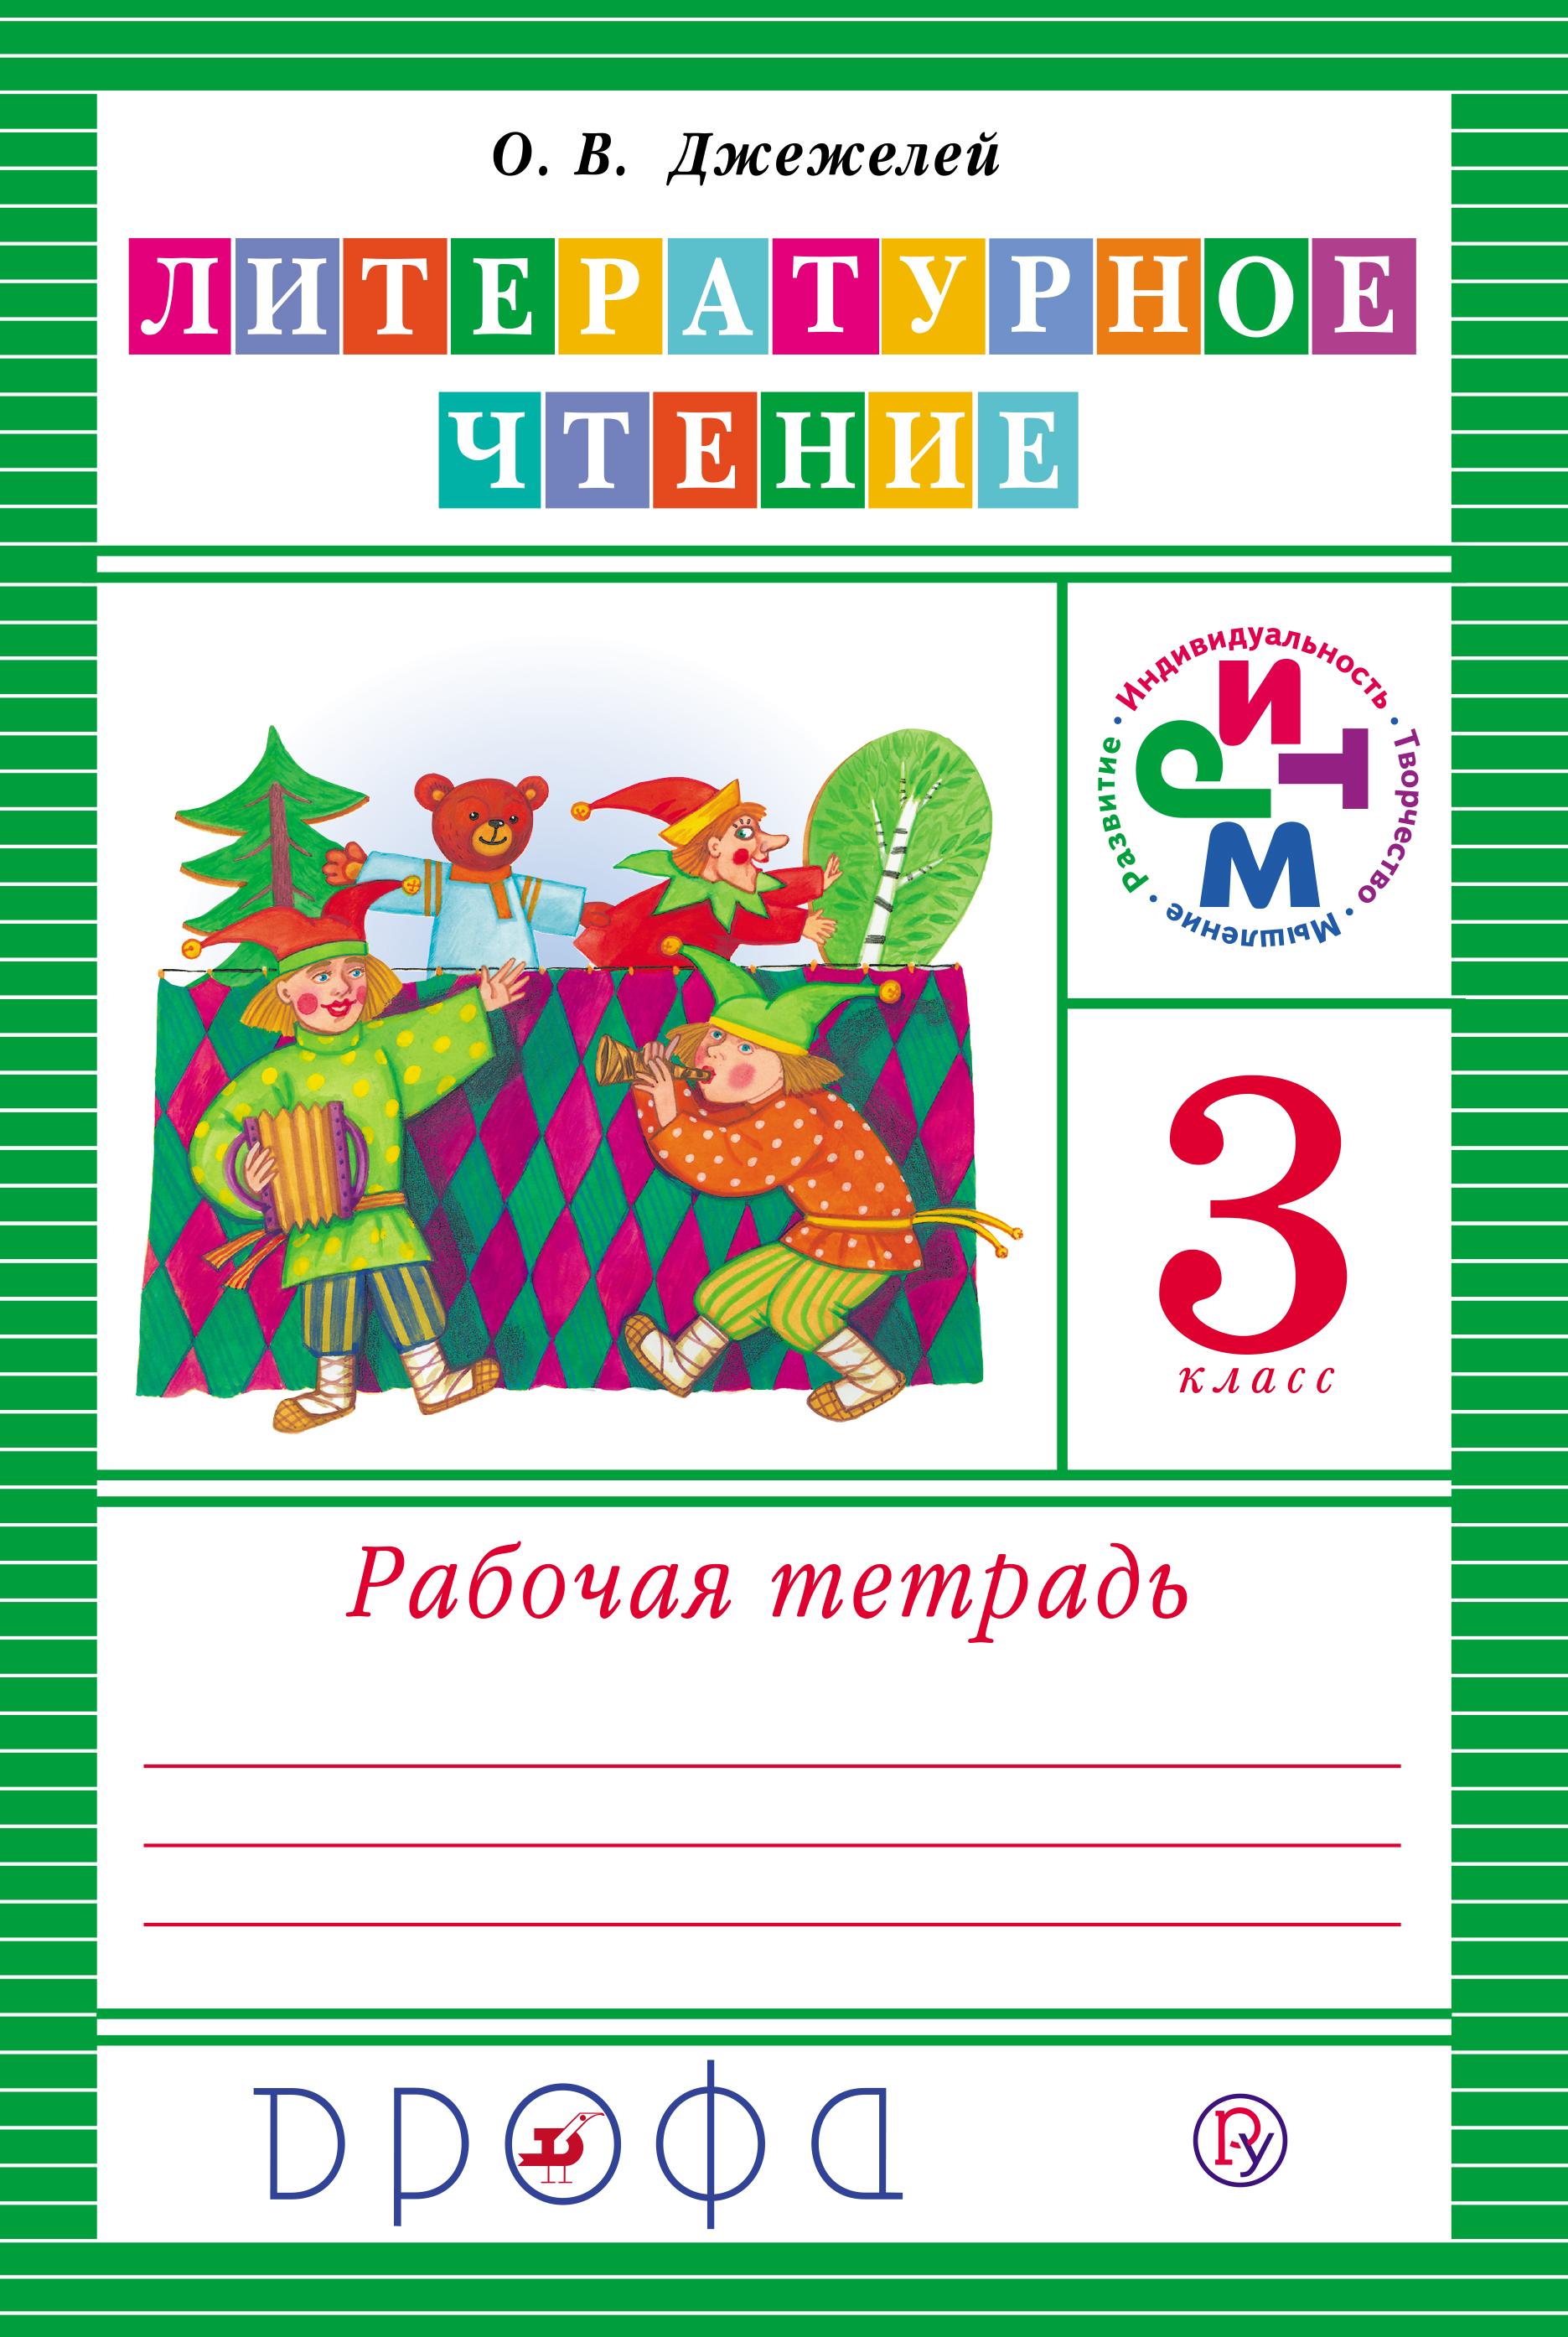 Джежелей О.В. Литературное чтение. 3 класс. Рабочая тетрадь